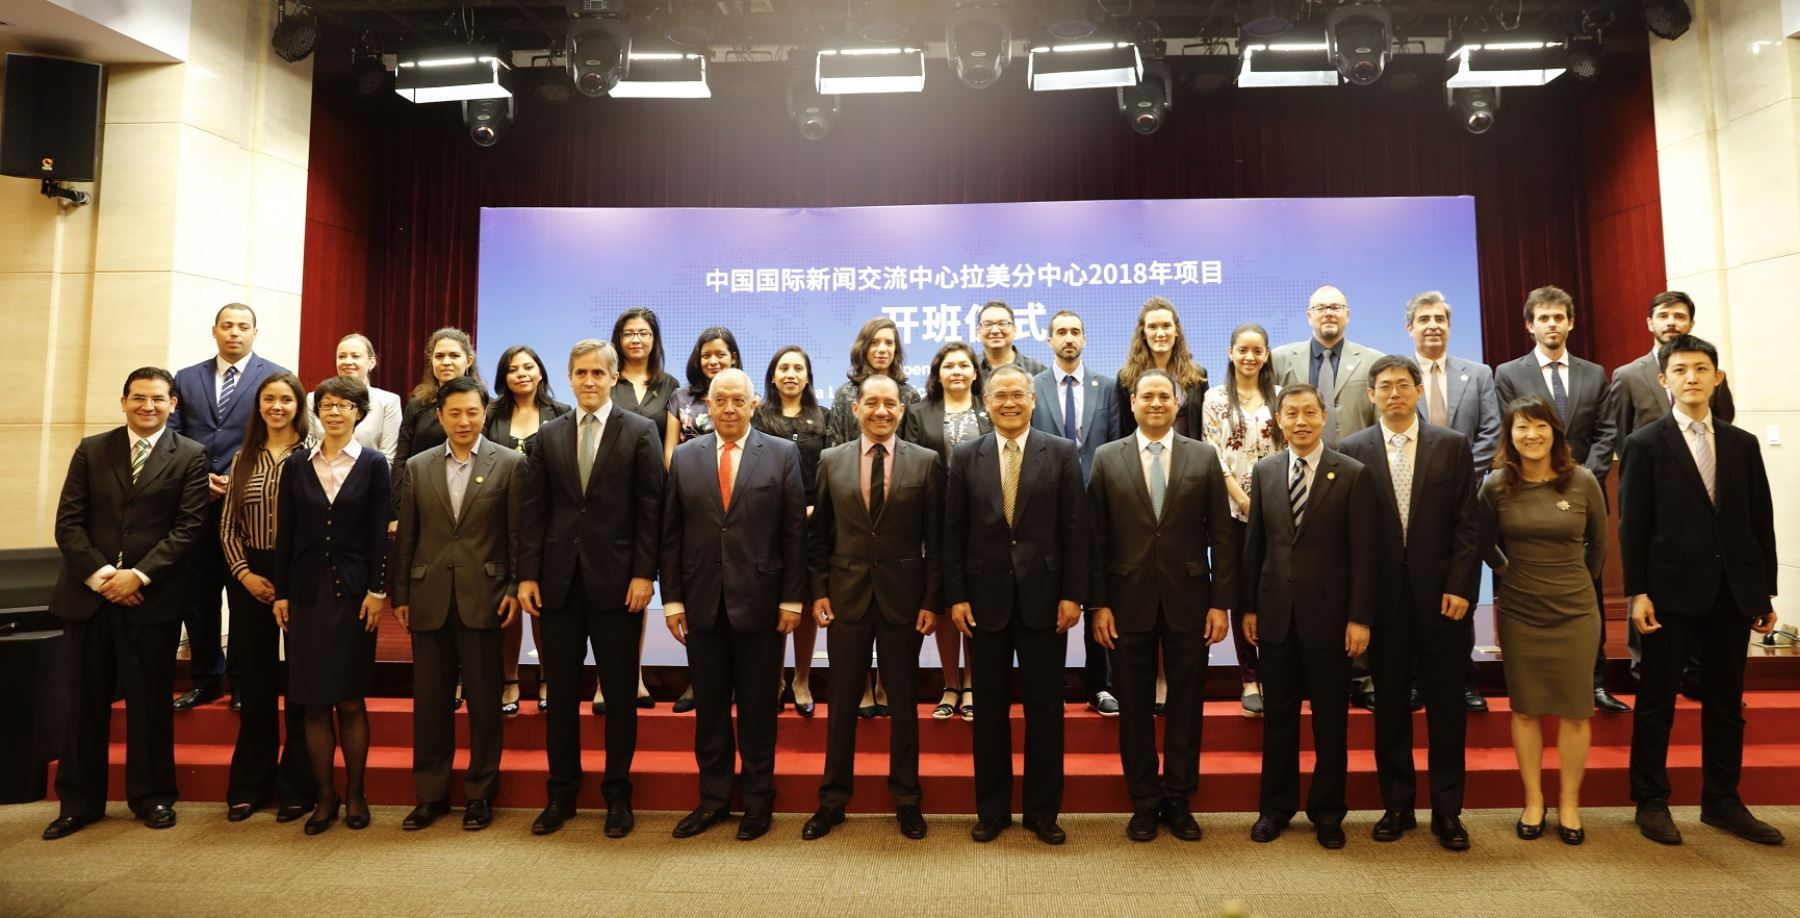 Programa Centro de Prensa China-América Latina y el Caribe (CLACPC 2018).